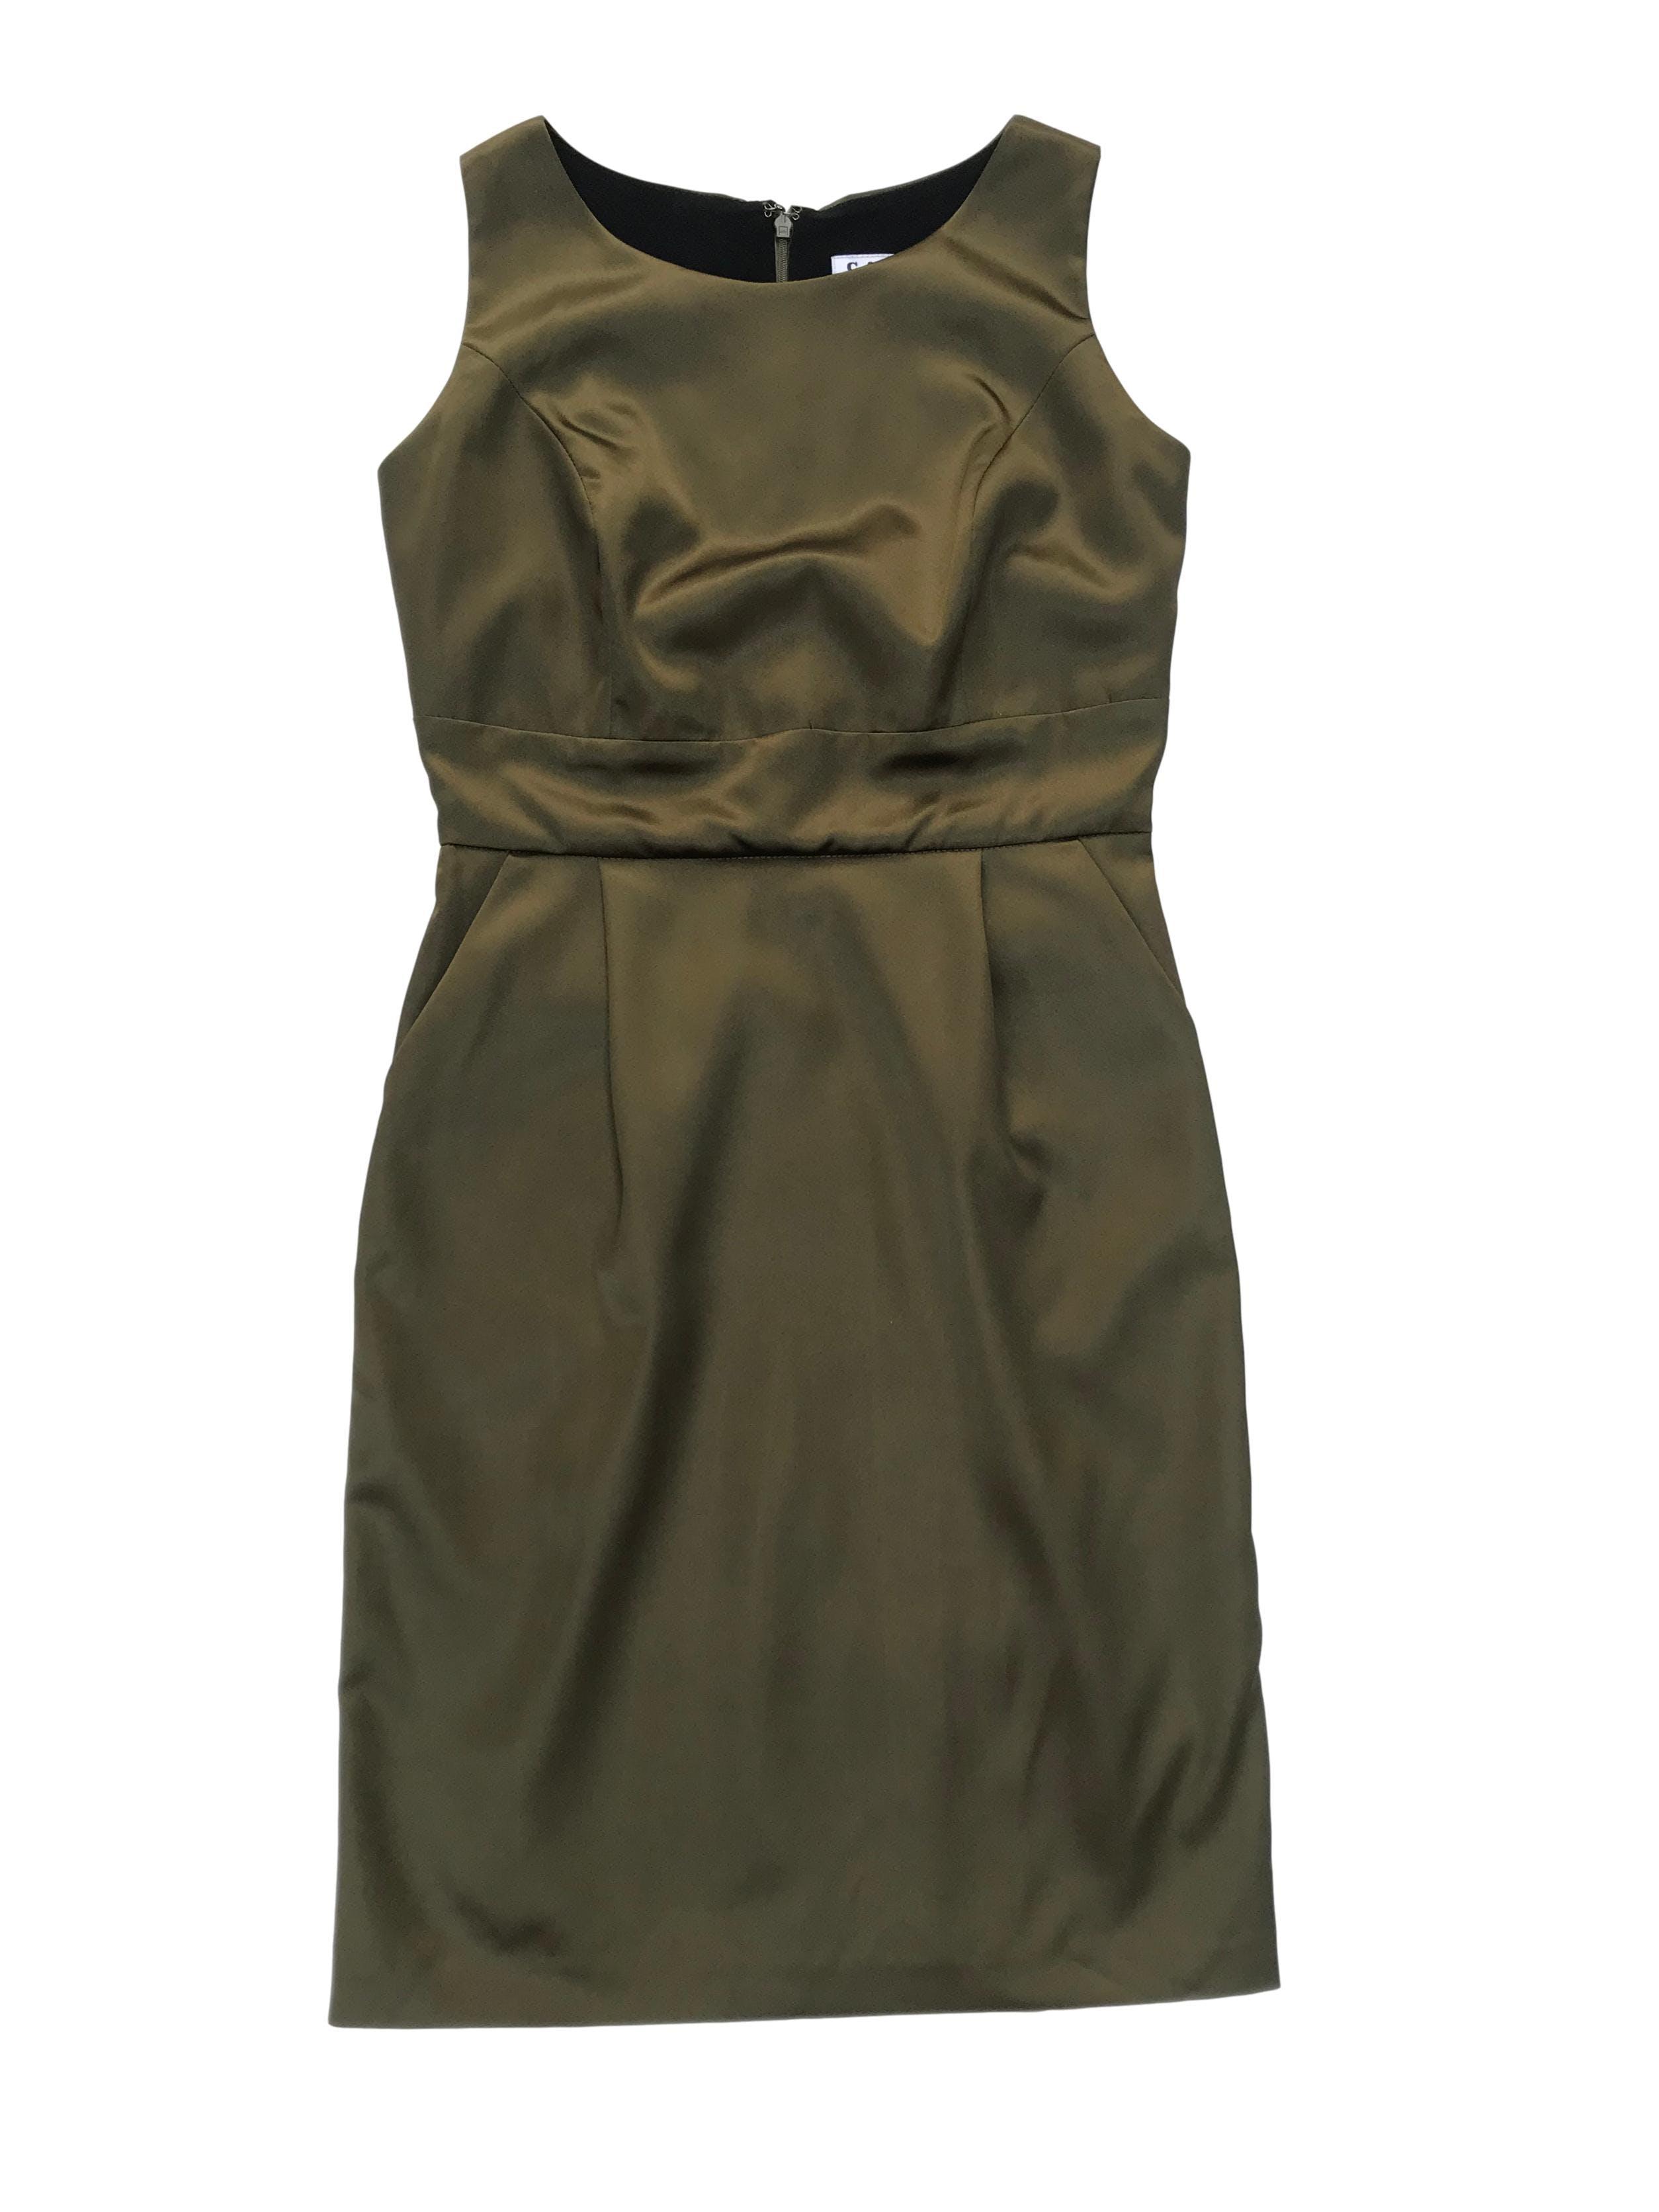 Vestido CATS verde olivo satinado, con cierre en la espalda, corte a la cintura y bolsillos laterales. Busto 90cm Cintura 68cm Largo 88cm